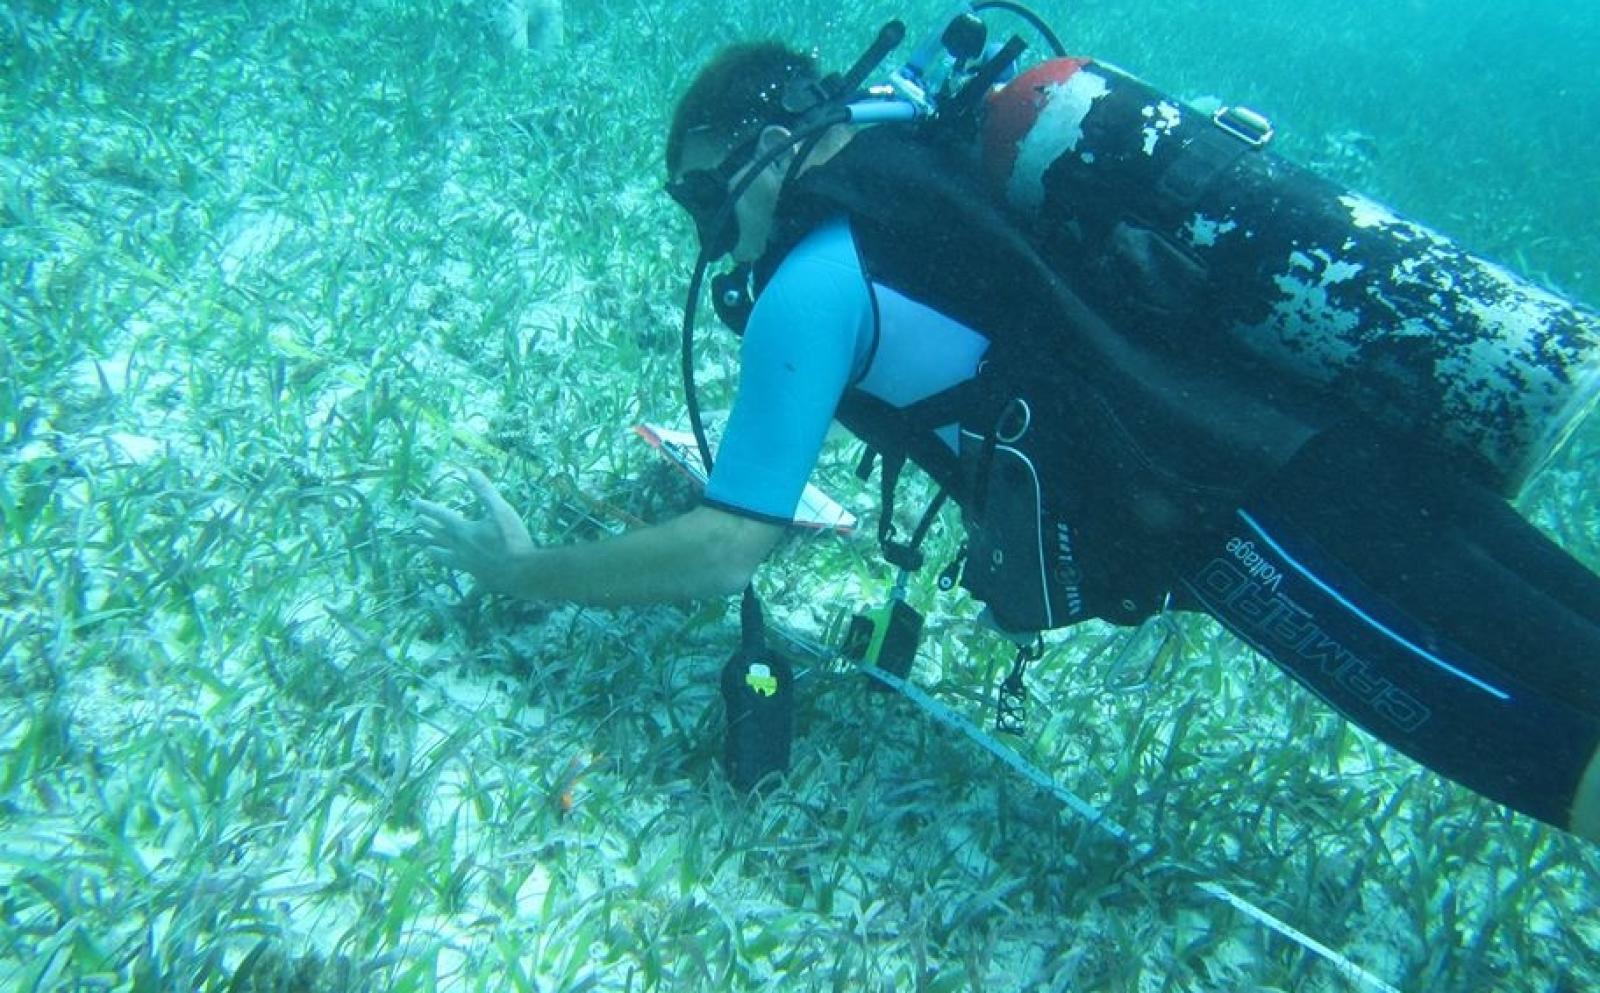 ベリーズの海でダイビング調査中の高校生ボランティア